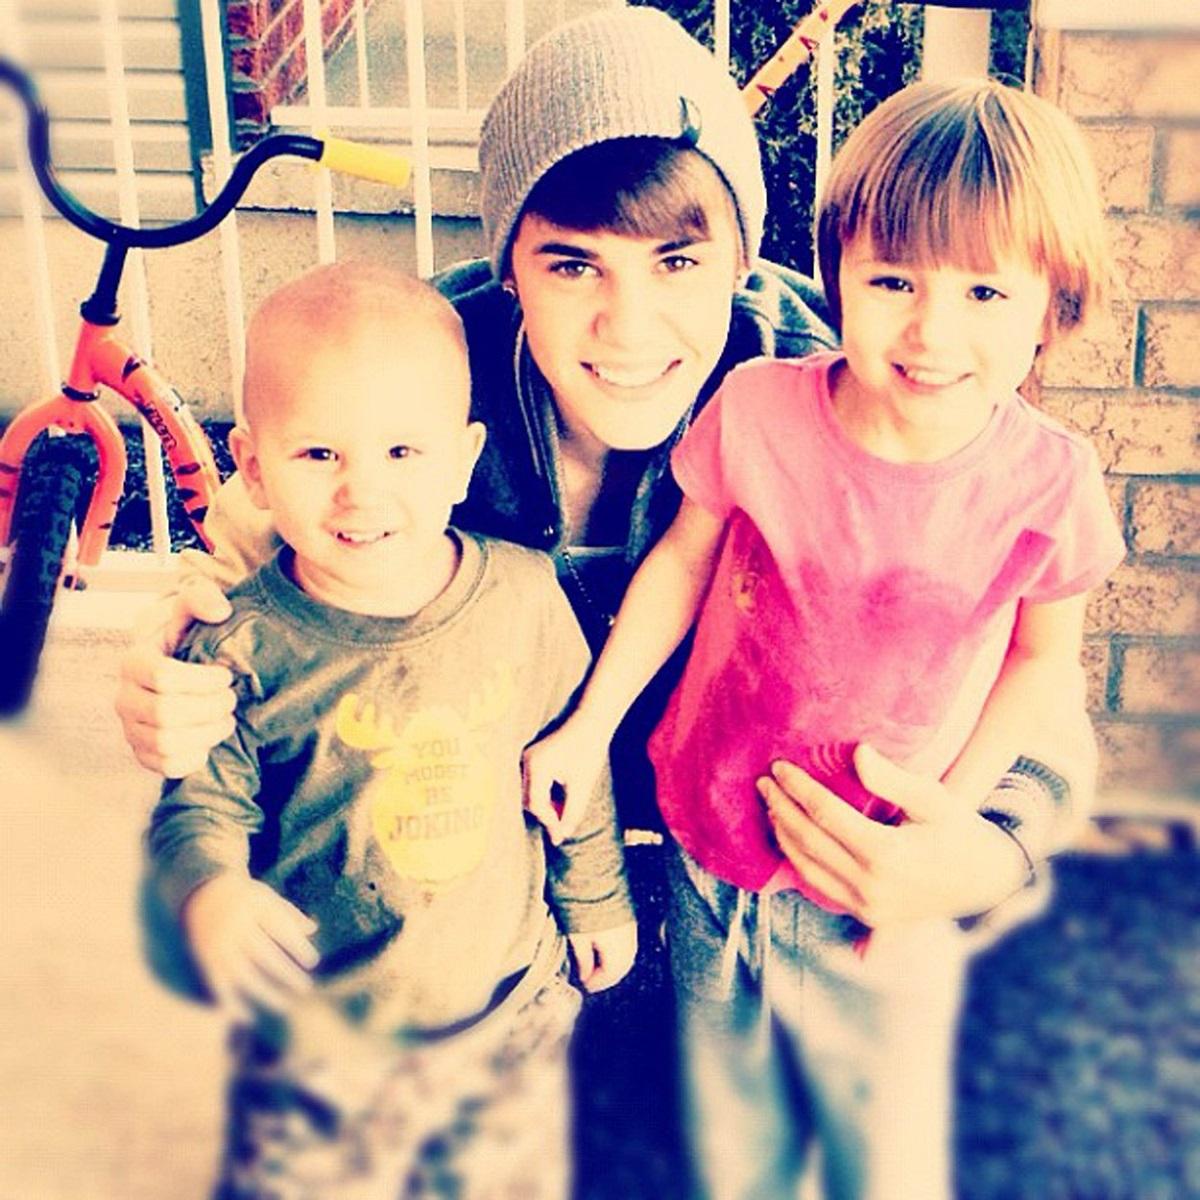 Justin Bieber a postat o fotografie cu sora sa mai mică, în timp ce își ține în brațe frații mai mici, pe Jaxon și Jazmyn la o vizită de Crăciun la familia sa în Canada